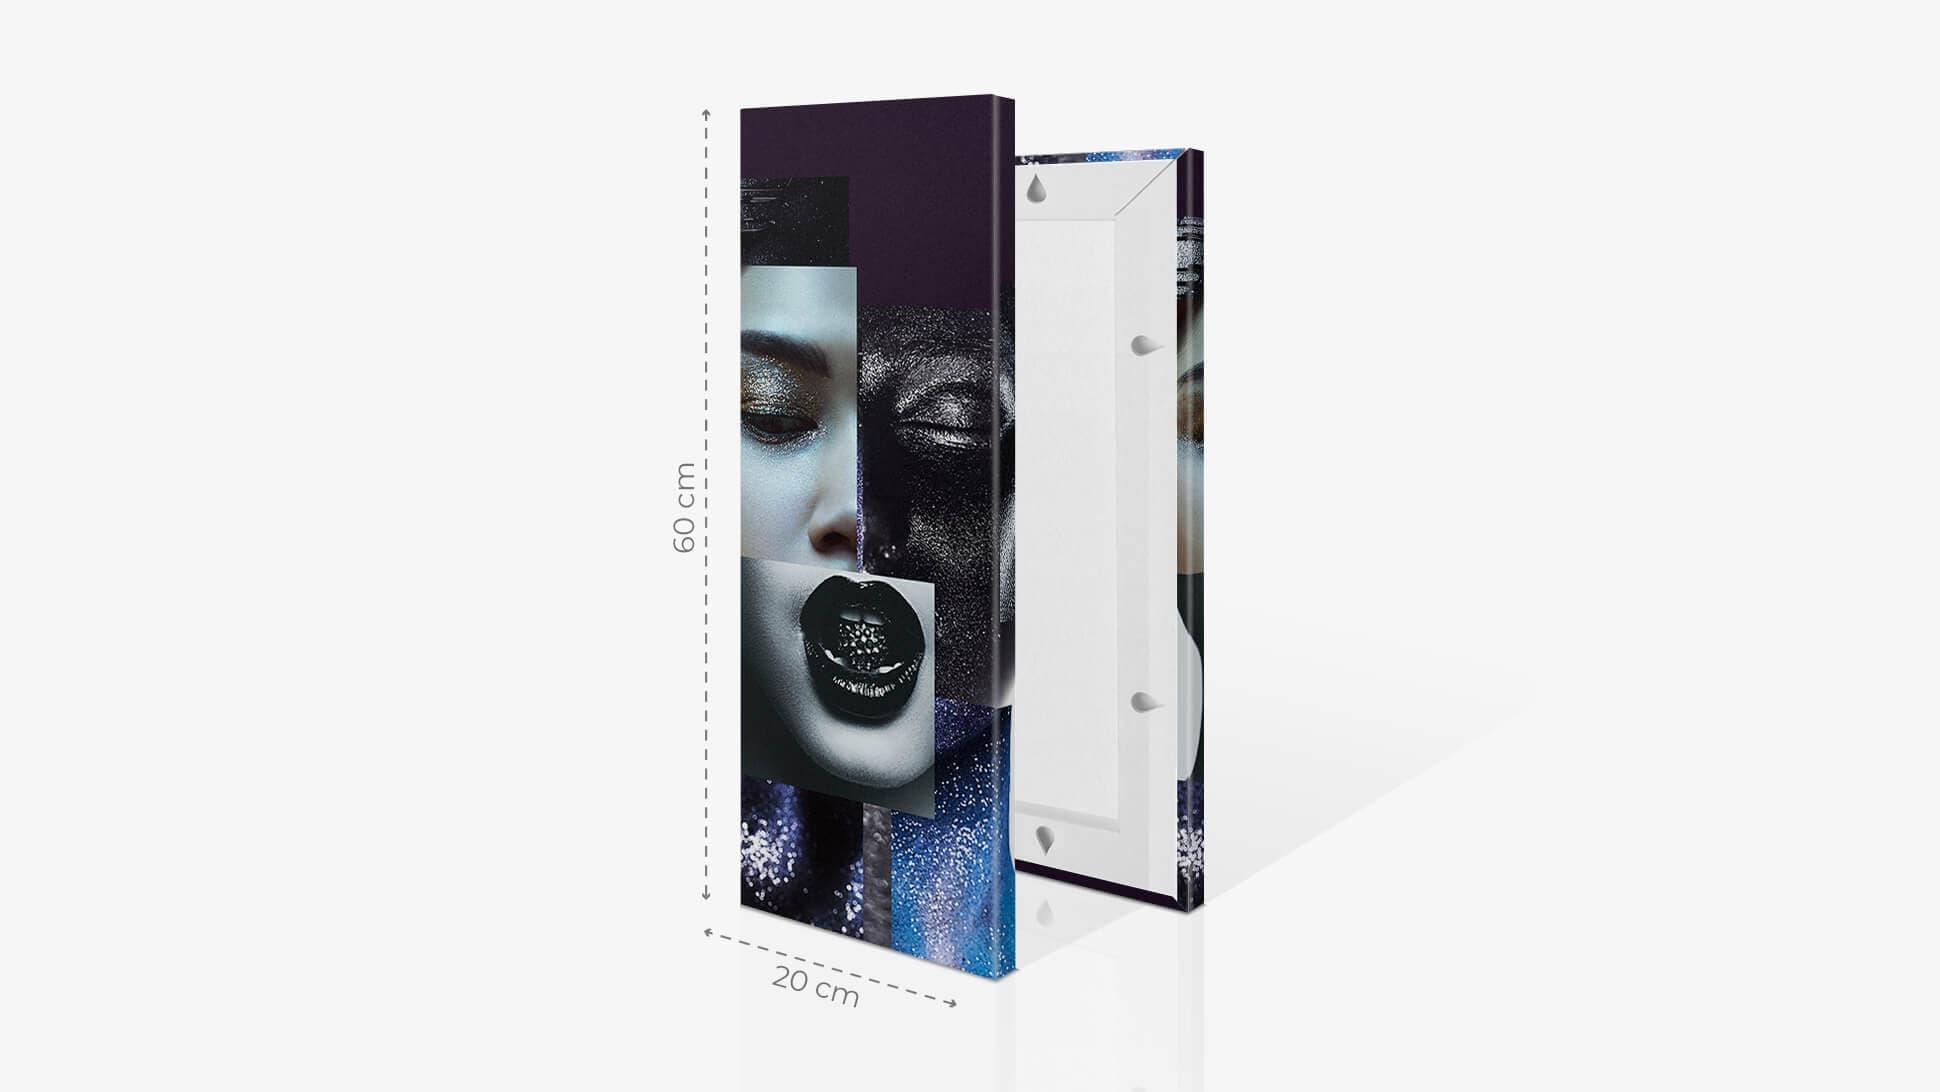 Fotoquadro 20x60cm con grafica | tictac.it